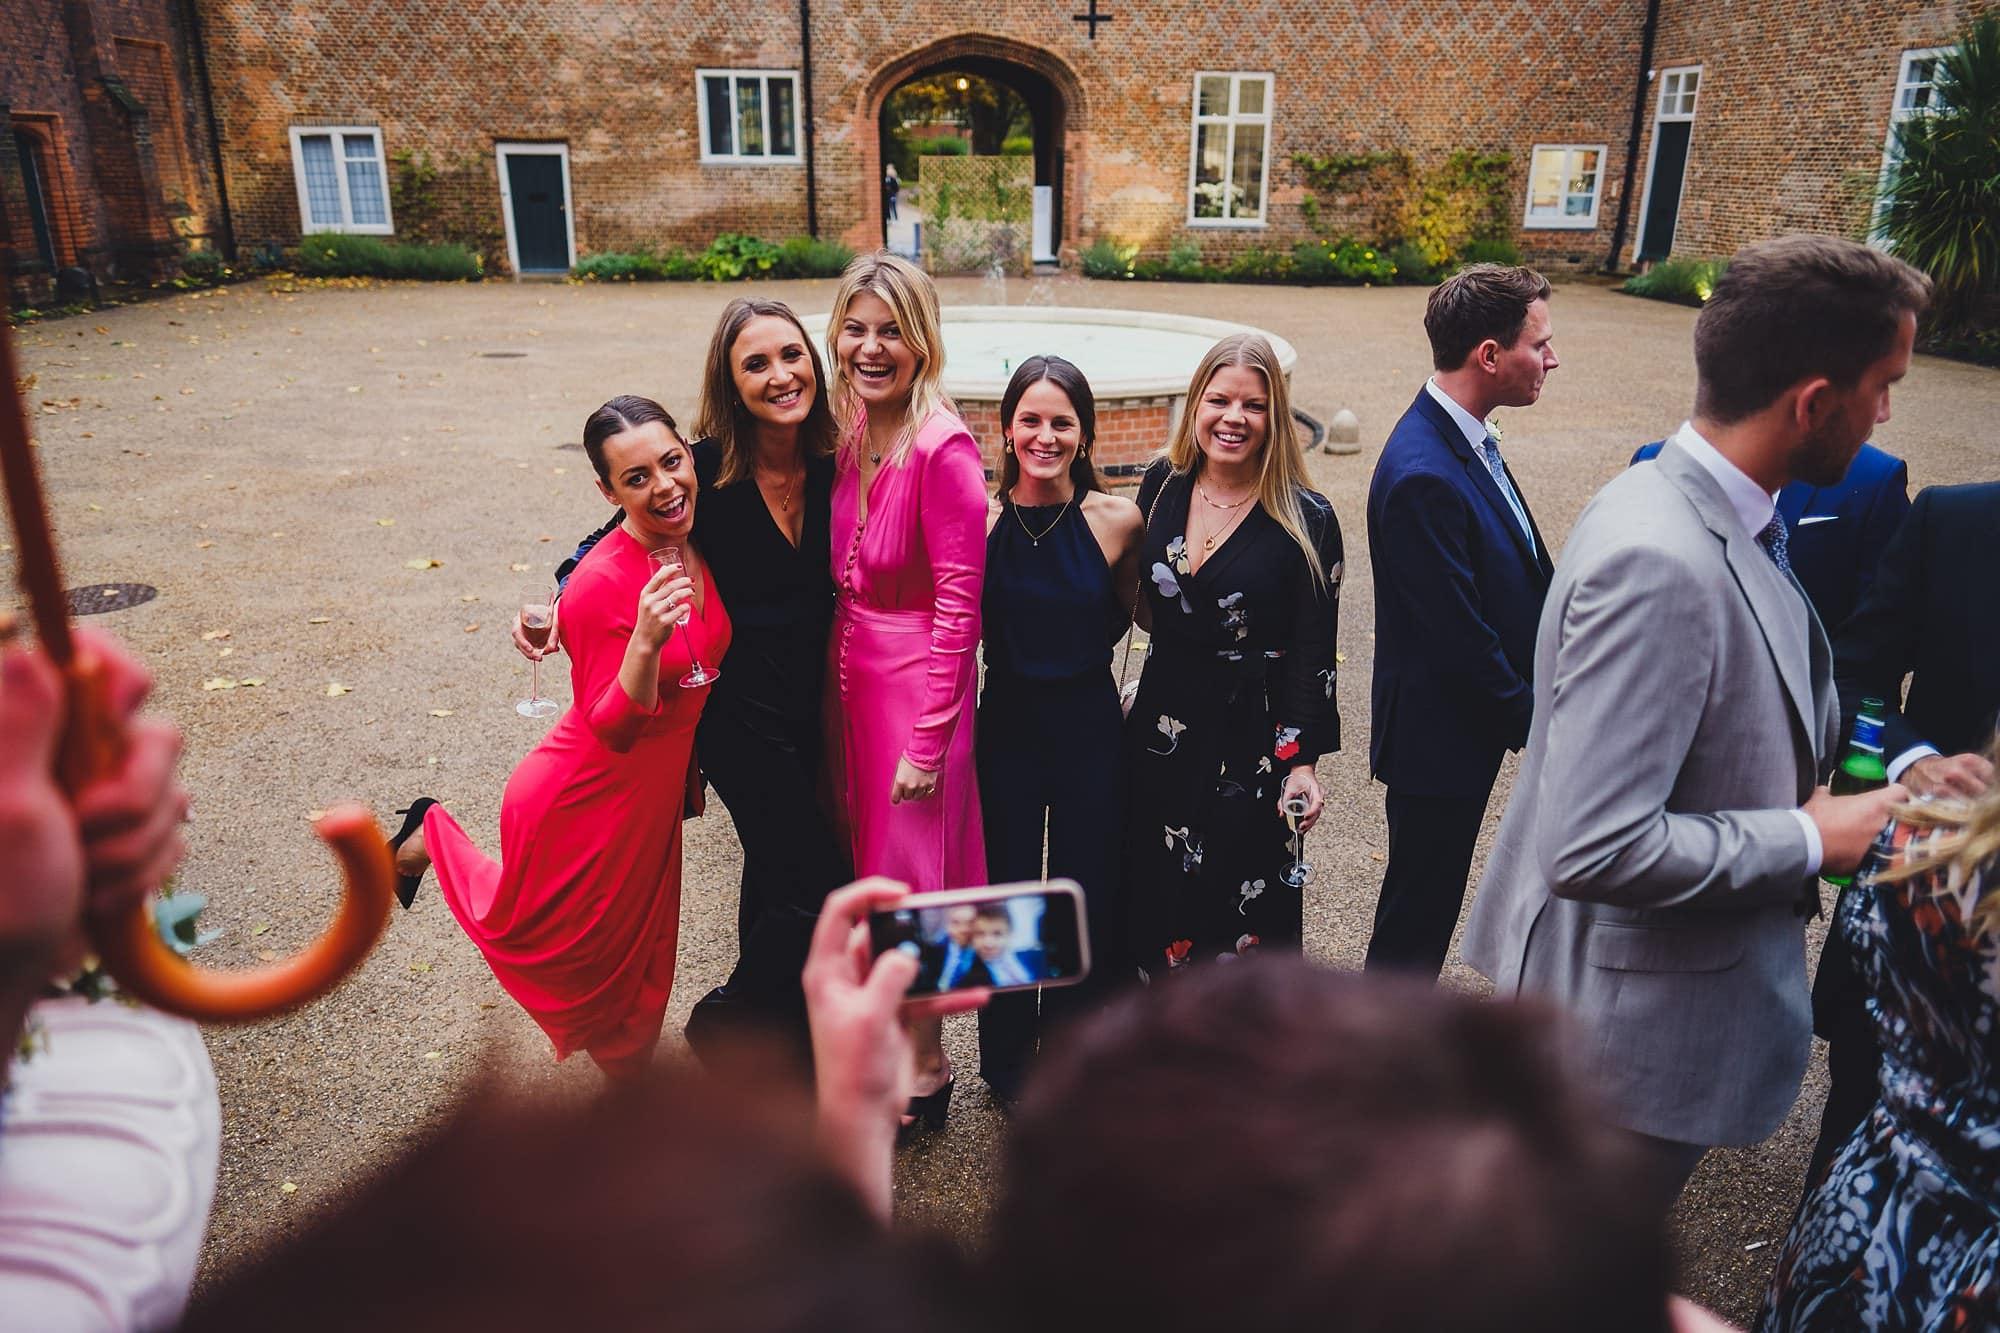 fulham palace wedding photographer ok 063 - Olivia + Kyle